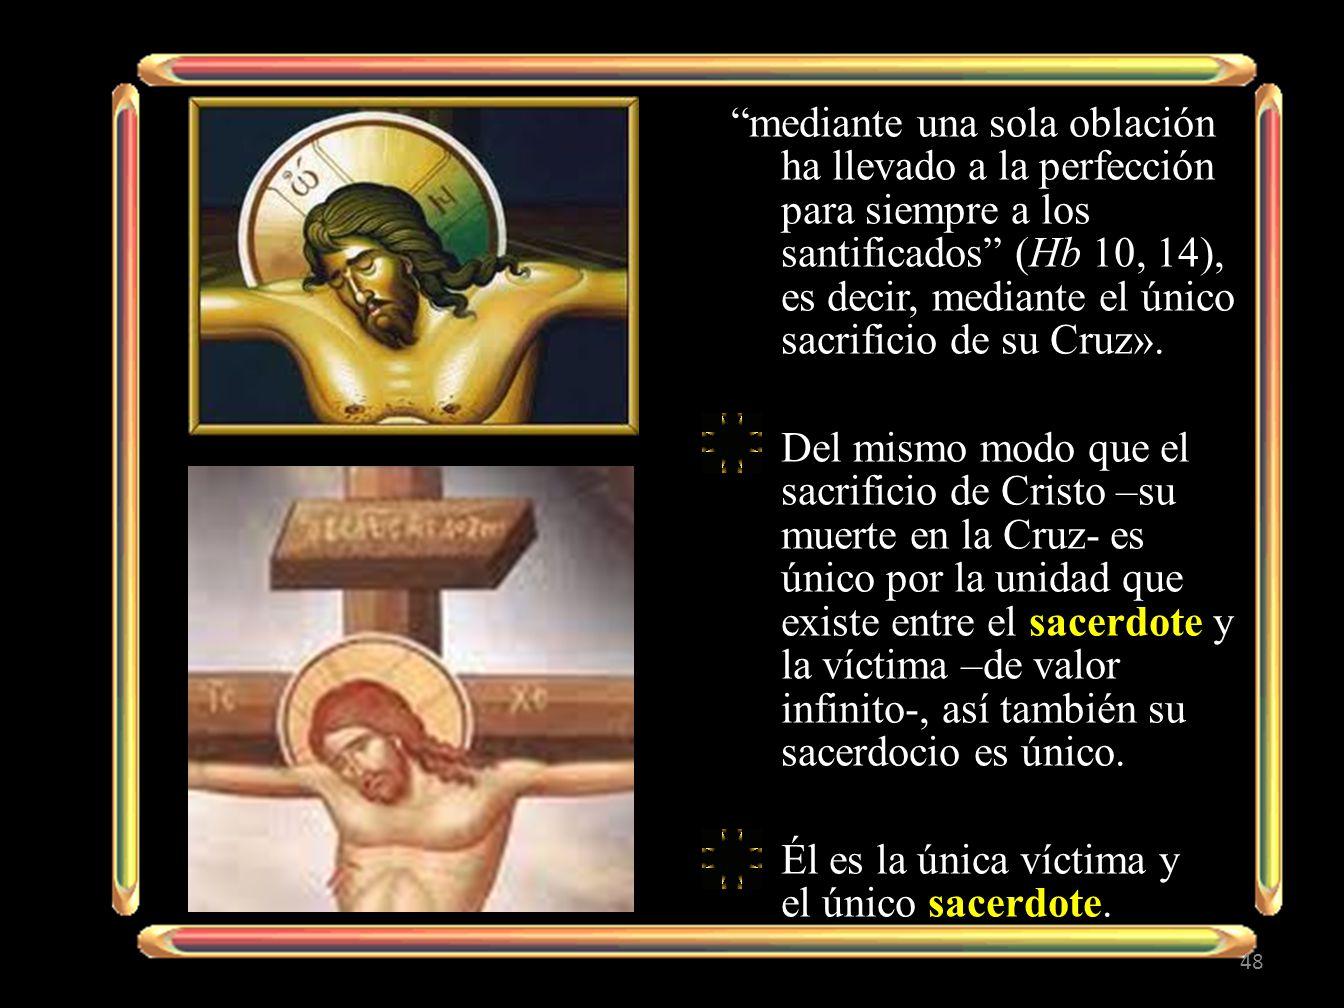 mediante una sola oblación ha llevado a la perfección para siempre a los santificados (Hb 10, 14), es decir, mediante el único sacrificio de su Cruz».